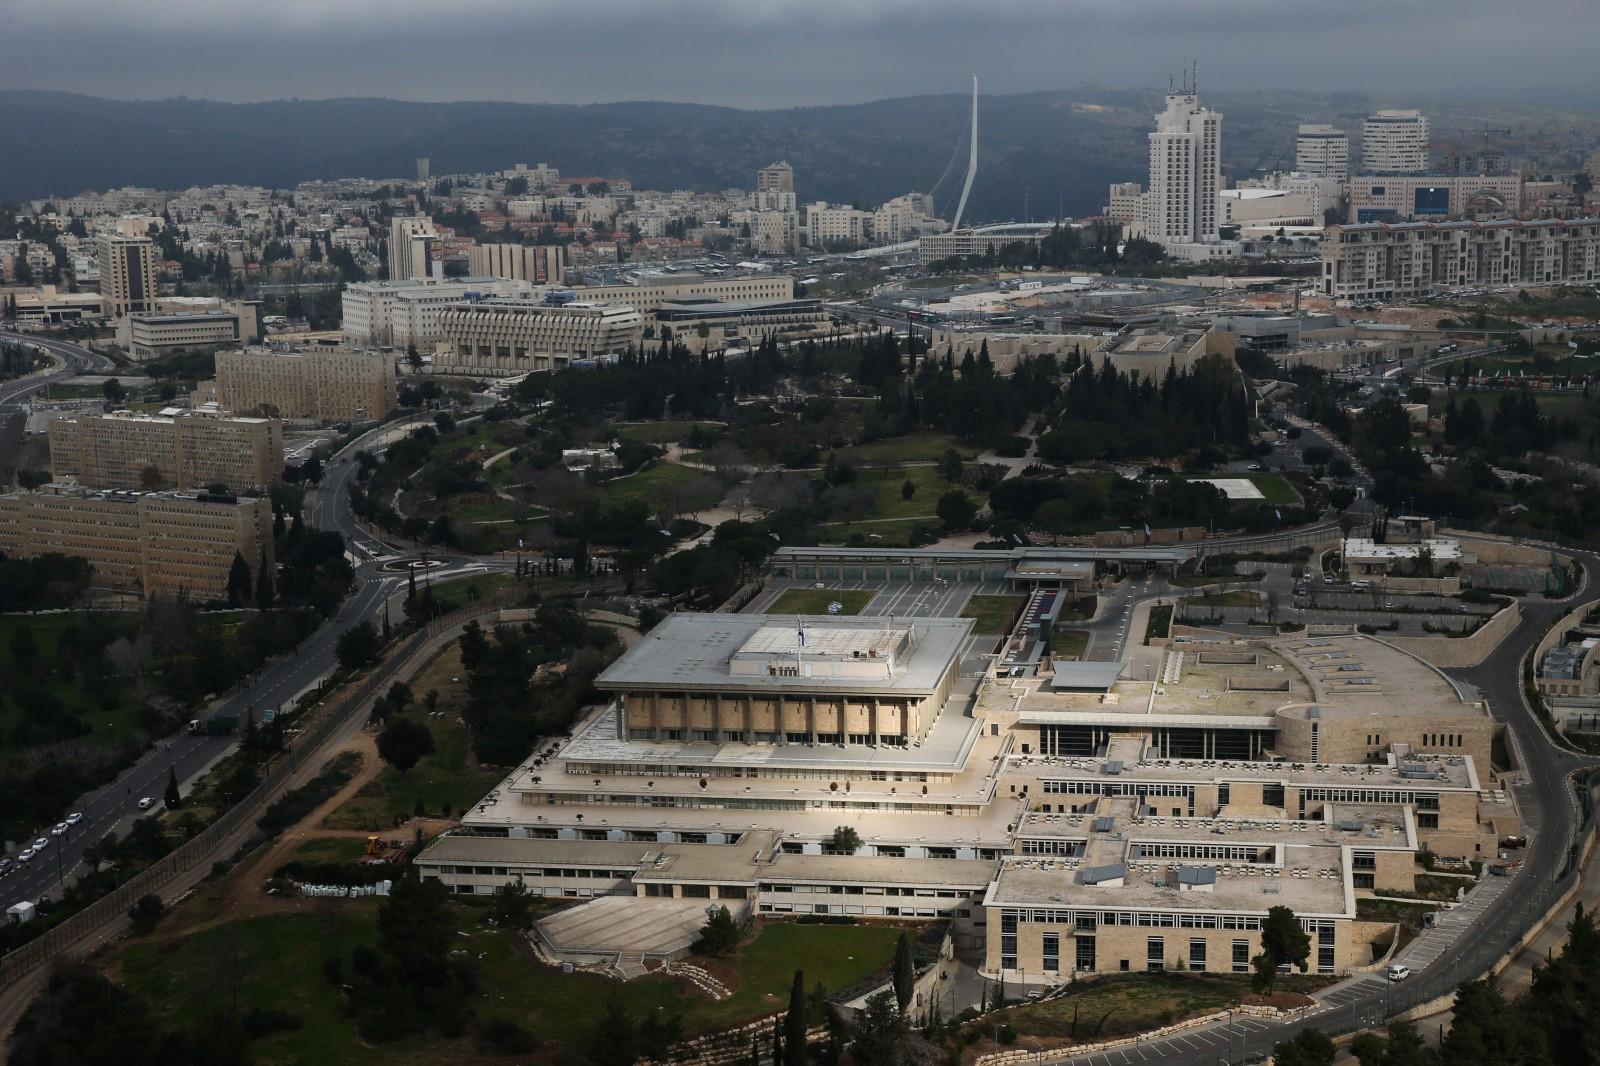 כנסת ישראל (צילום: נתי שוחט)